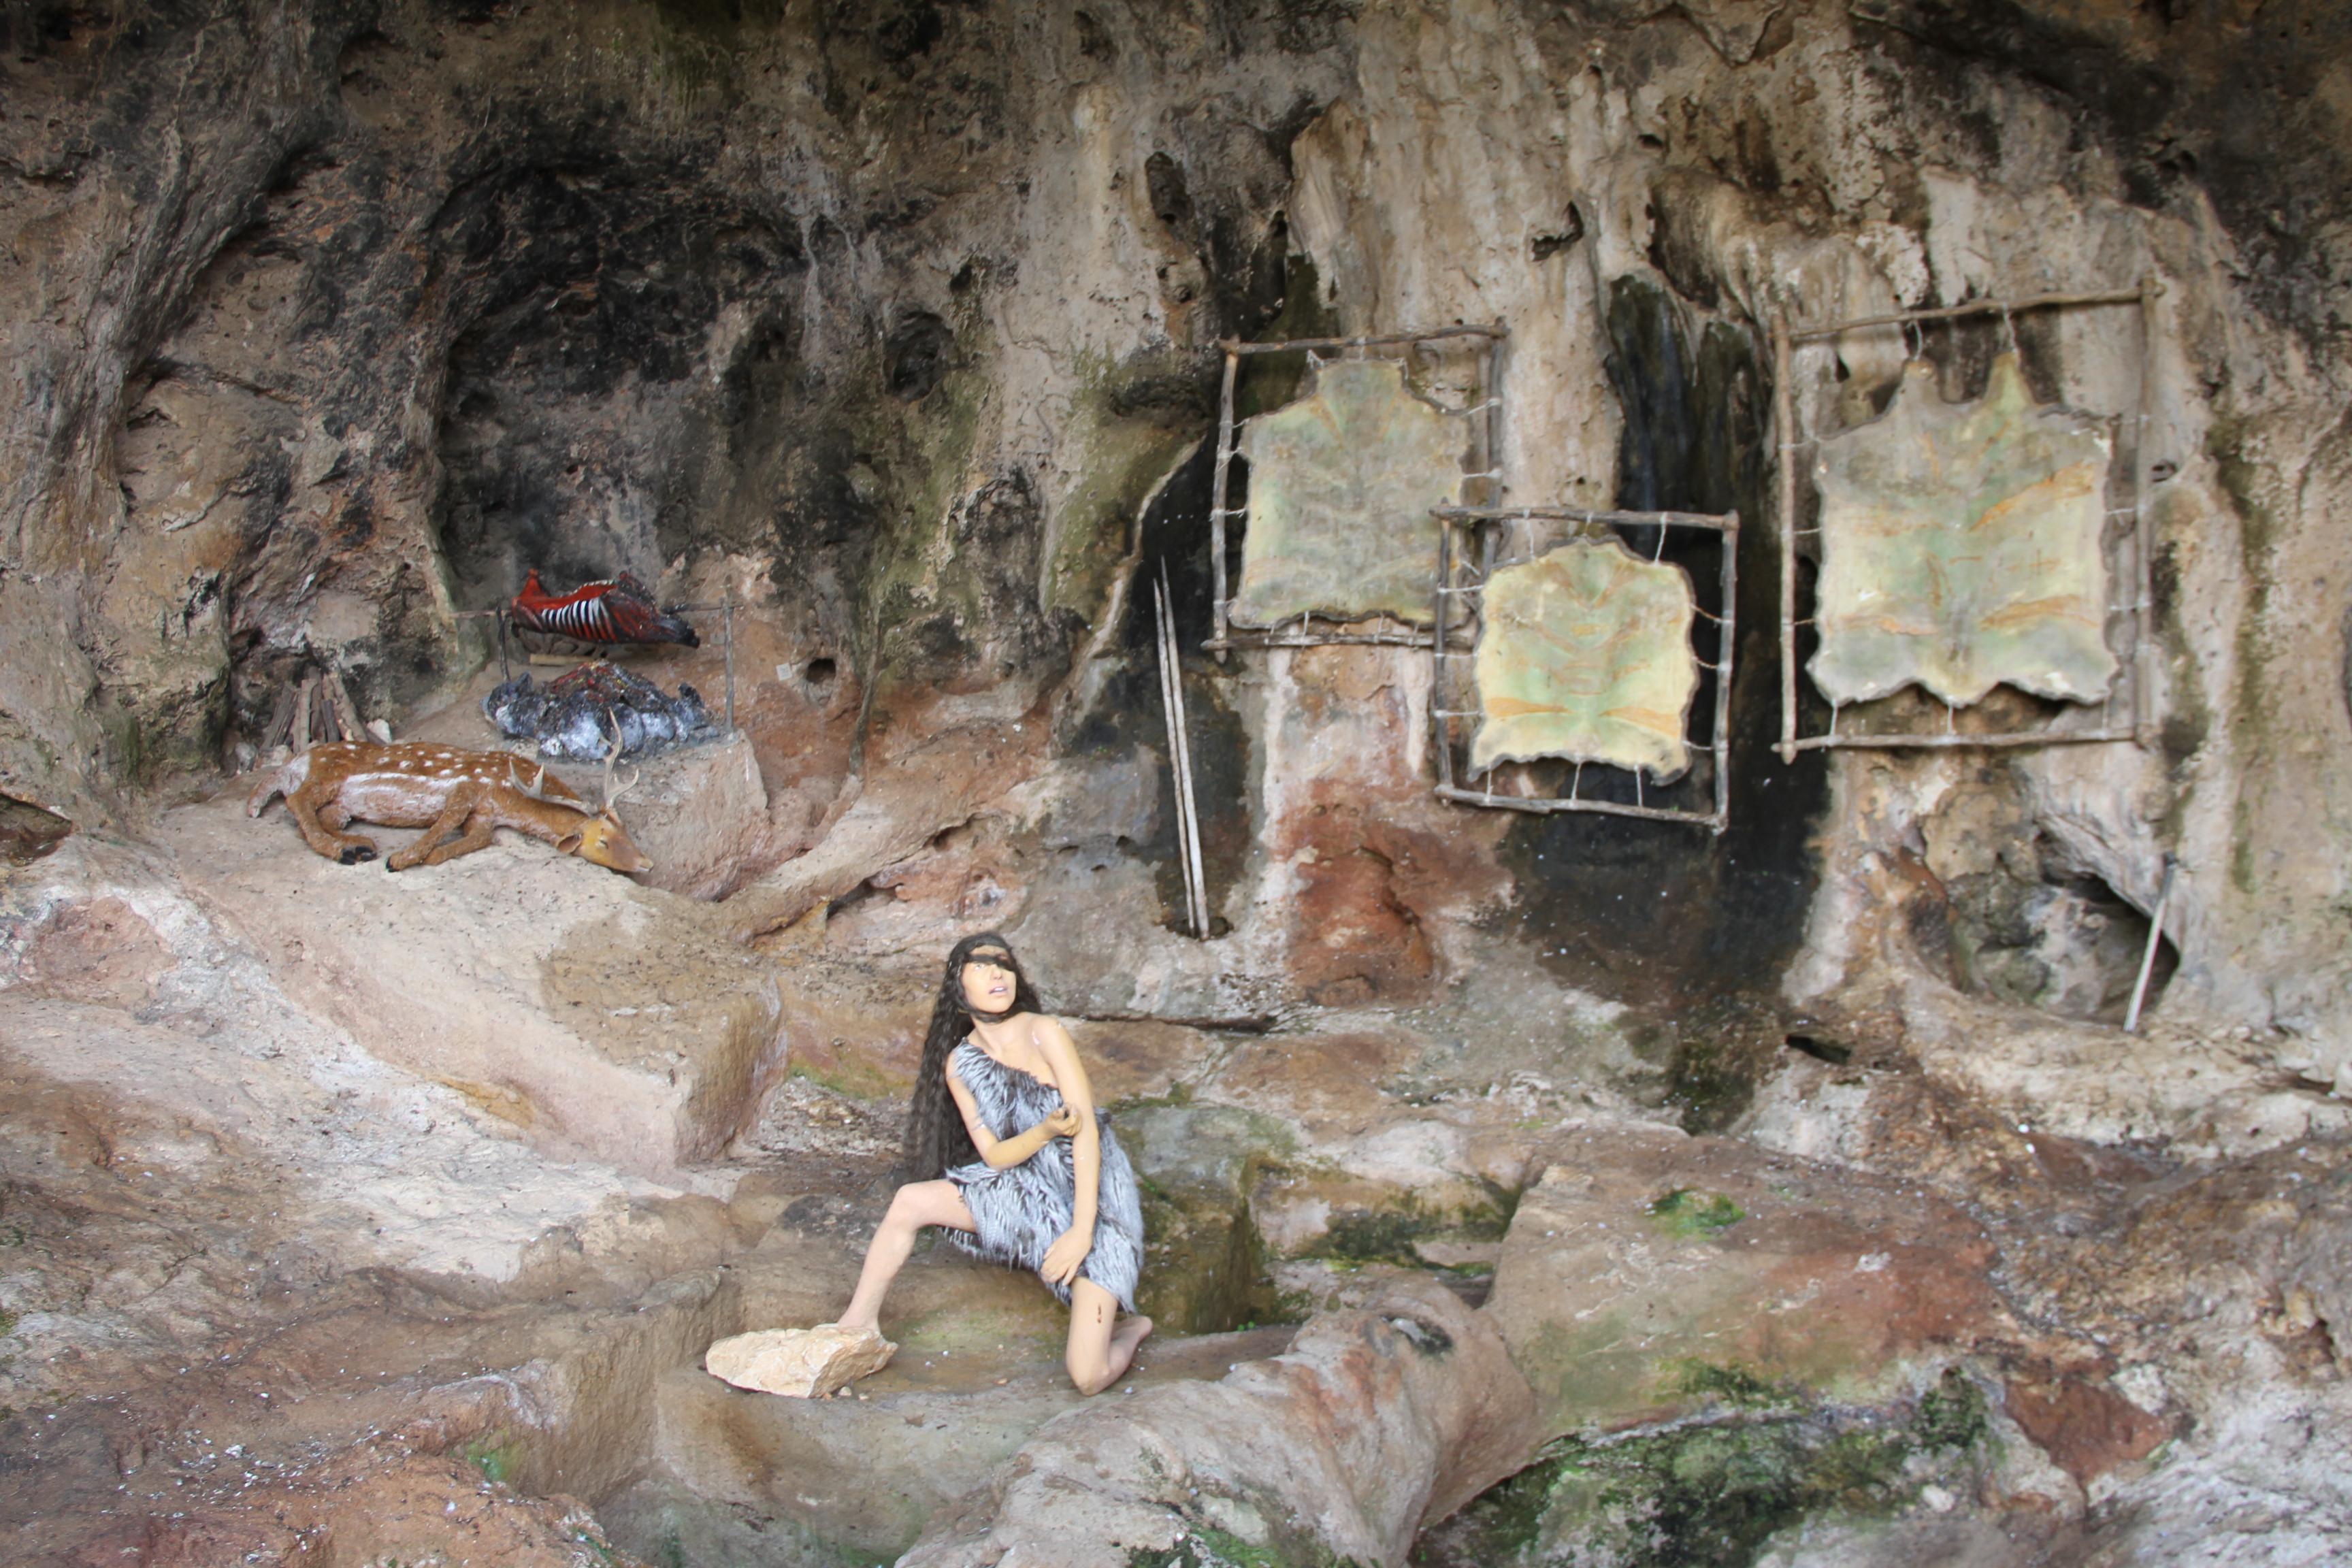 Пещера Джамаль. Реконструкция «древнего человека»